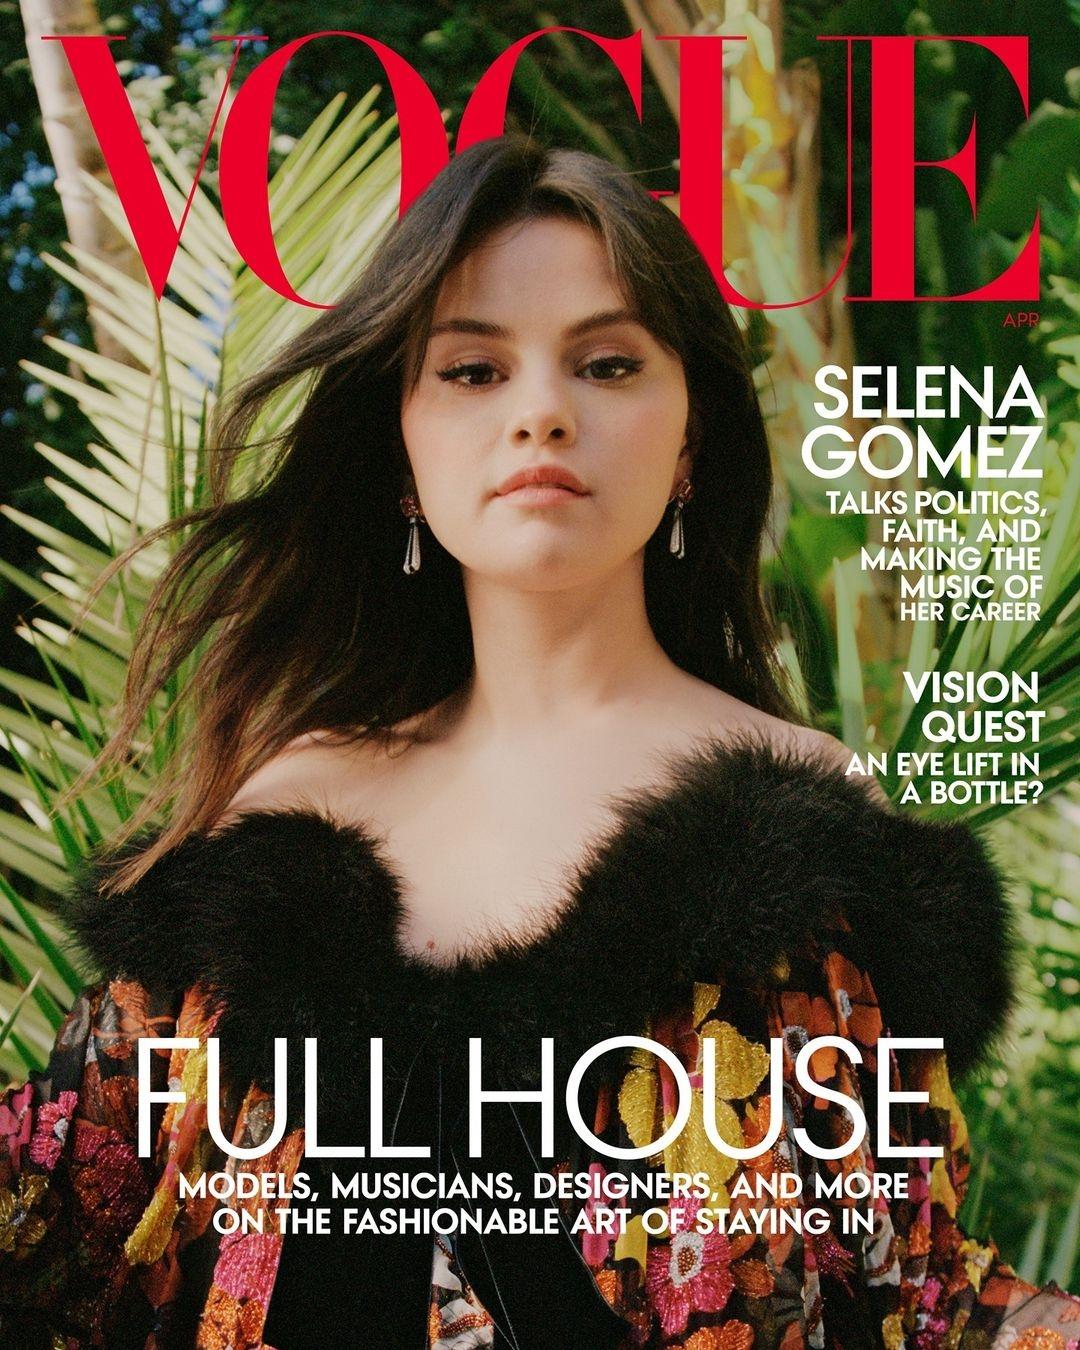 Селена Гомес появилась на обложке Vogue и рассказала о биполярном расстройстве (ФОТО) - фото №1